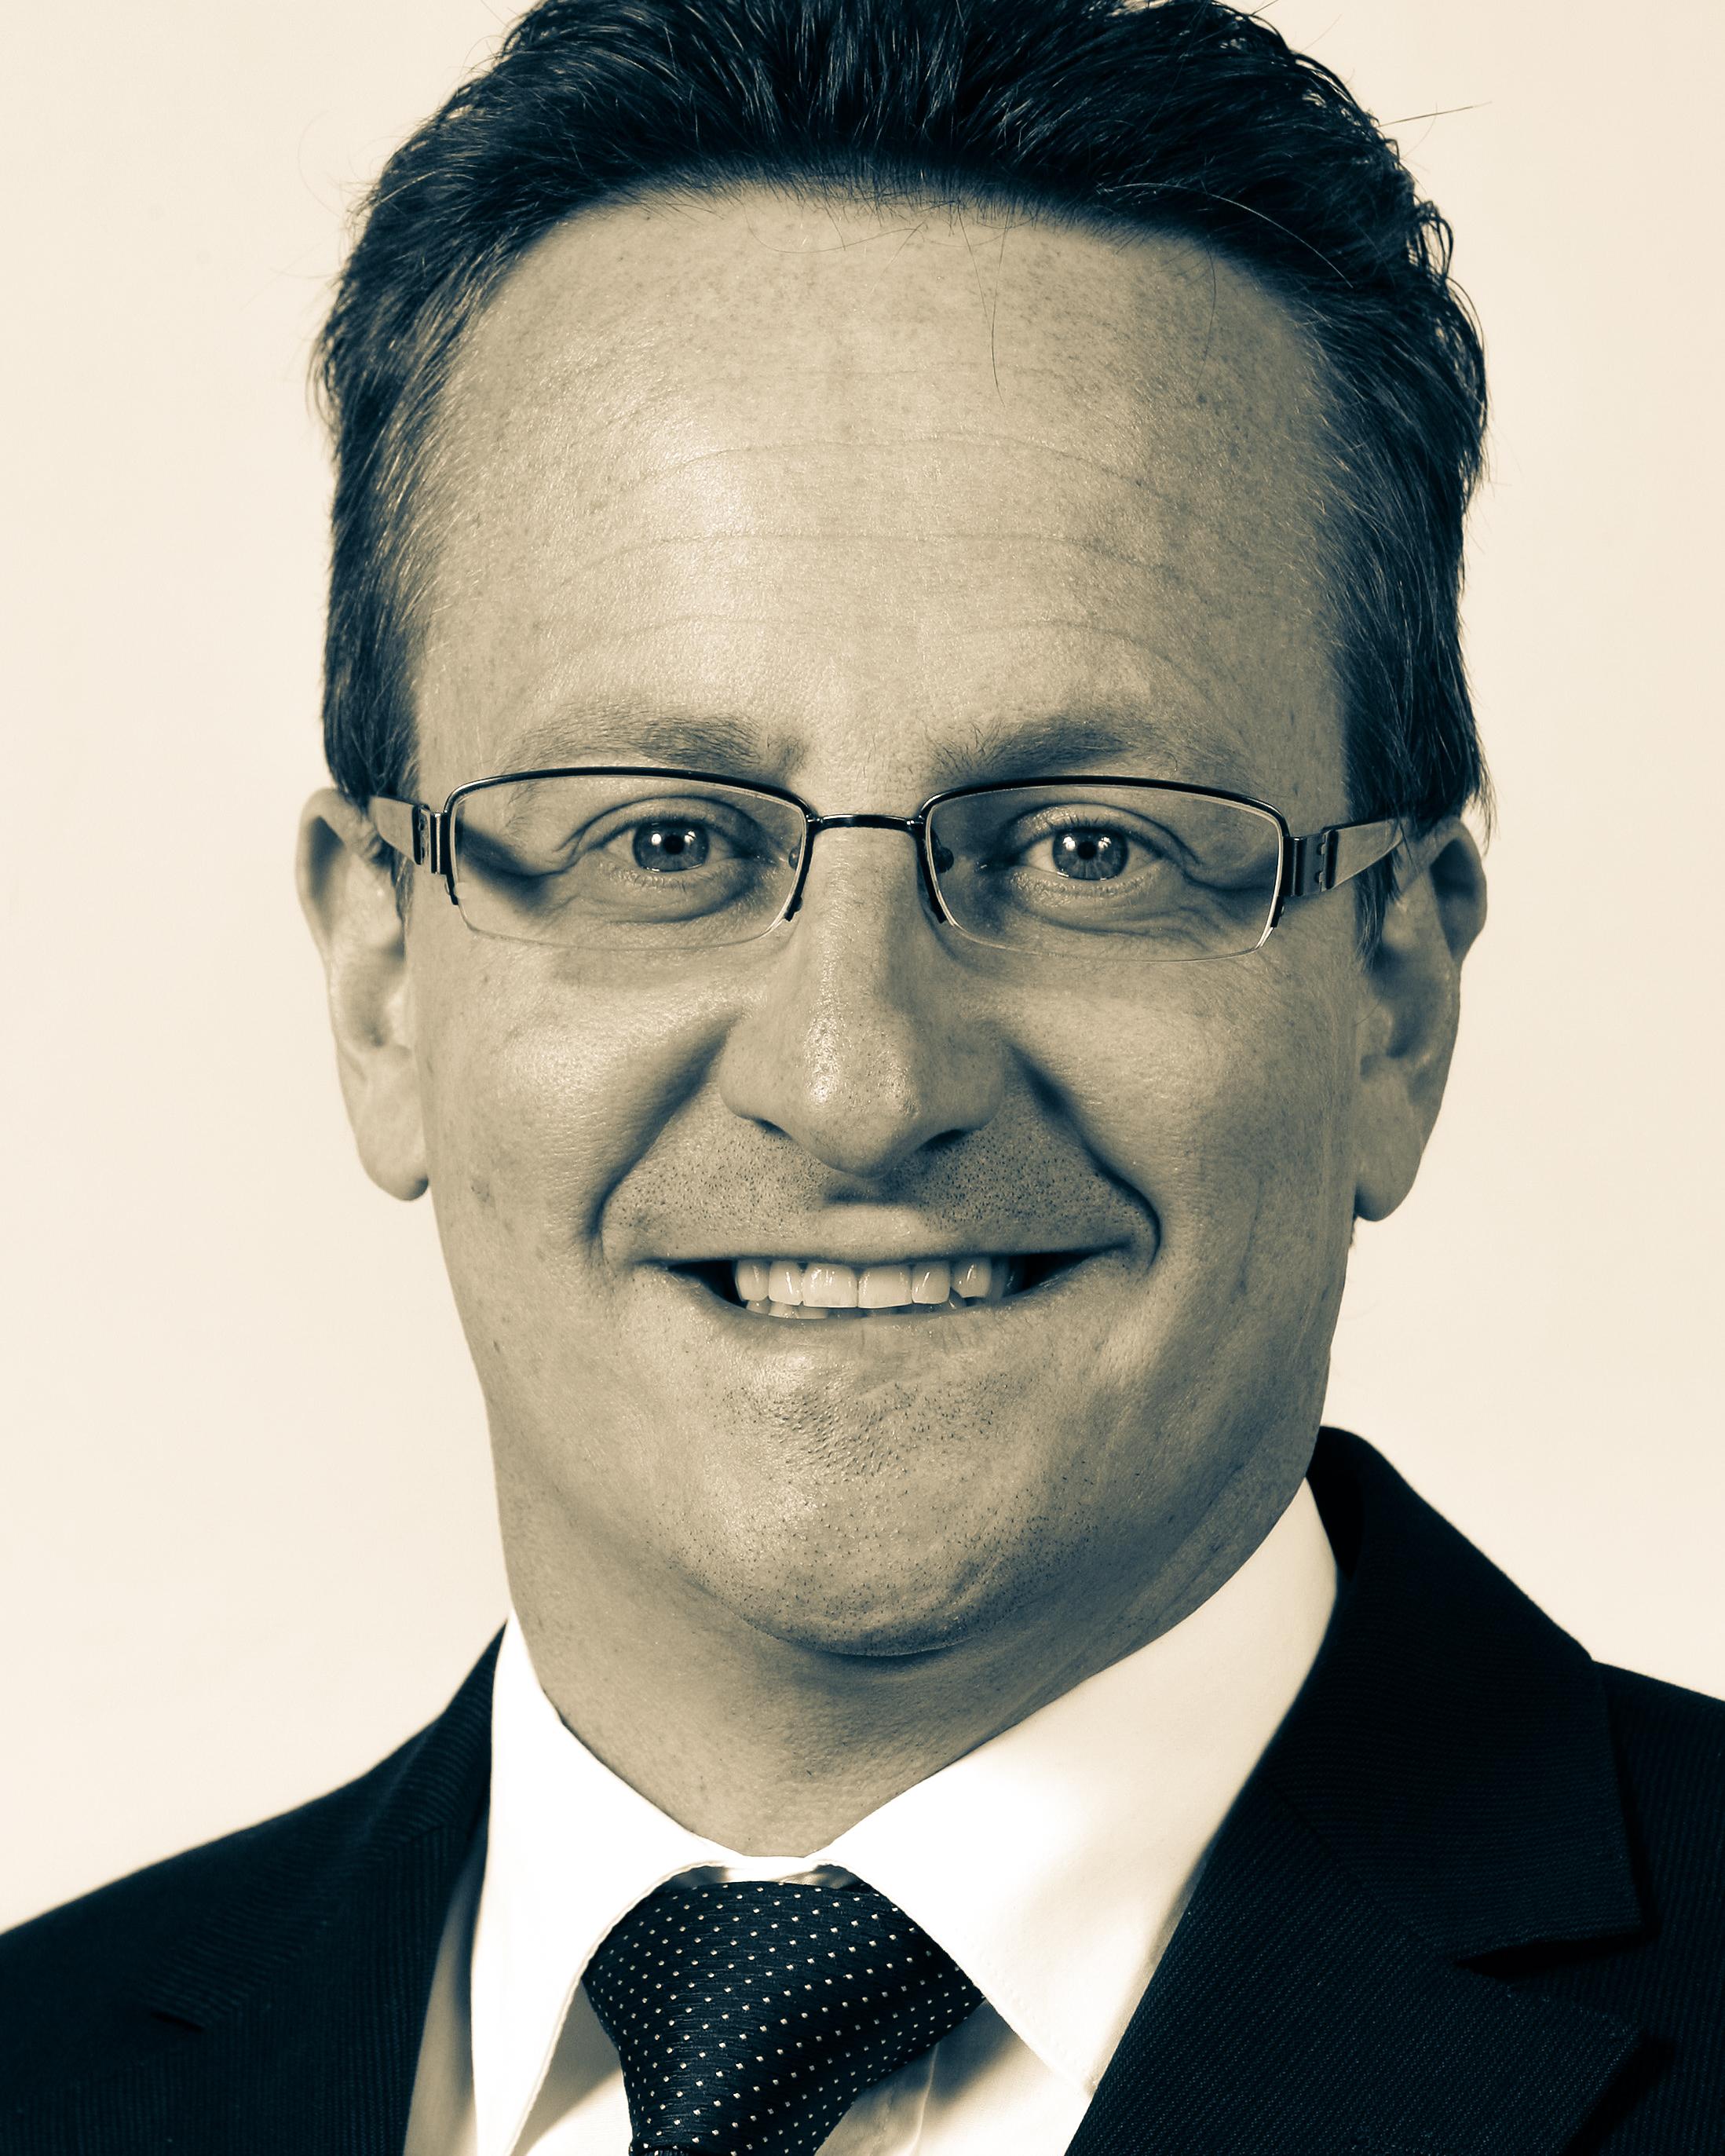 Martin Schmid ist seit 2011 Ständerat des Kantons Graubünden und Mitglied des Verwaltungsrats der Repower AG.